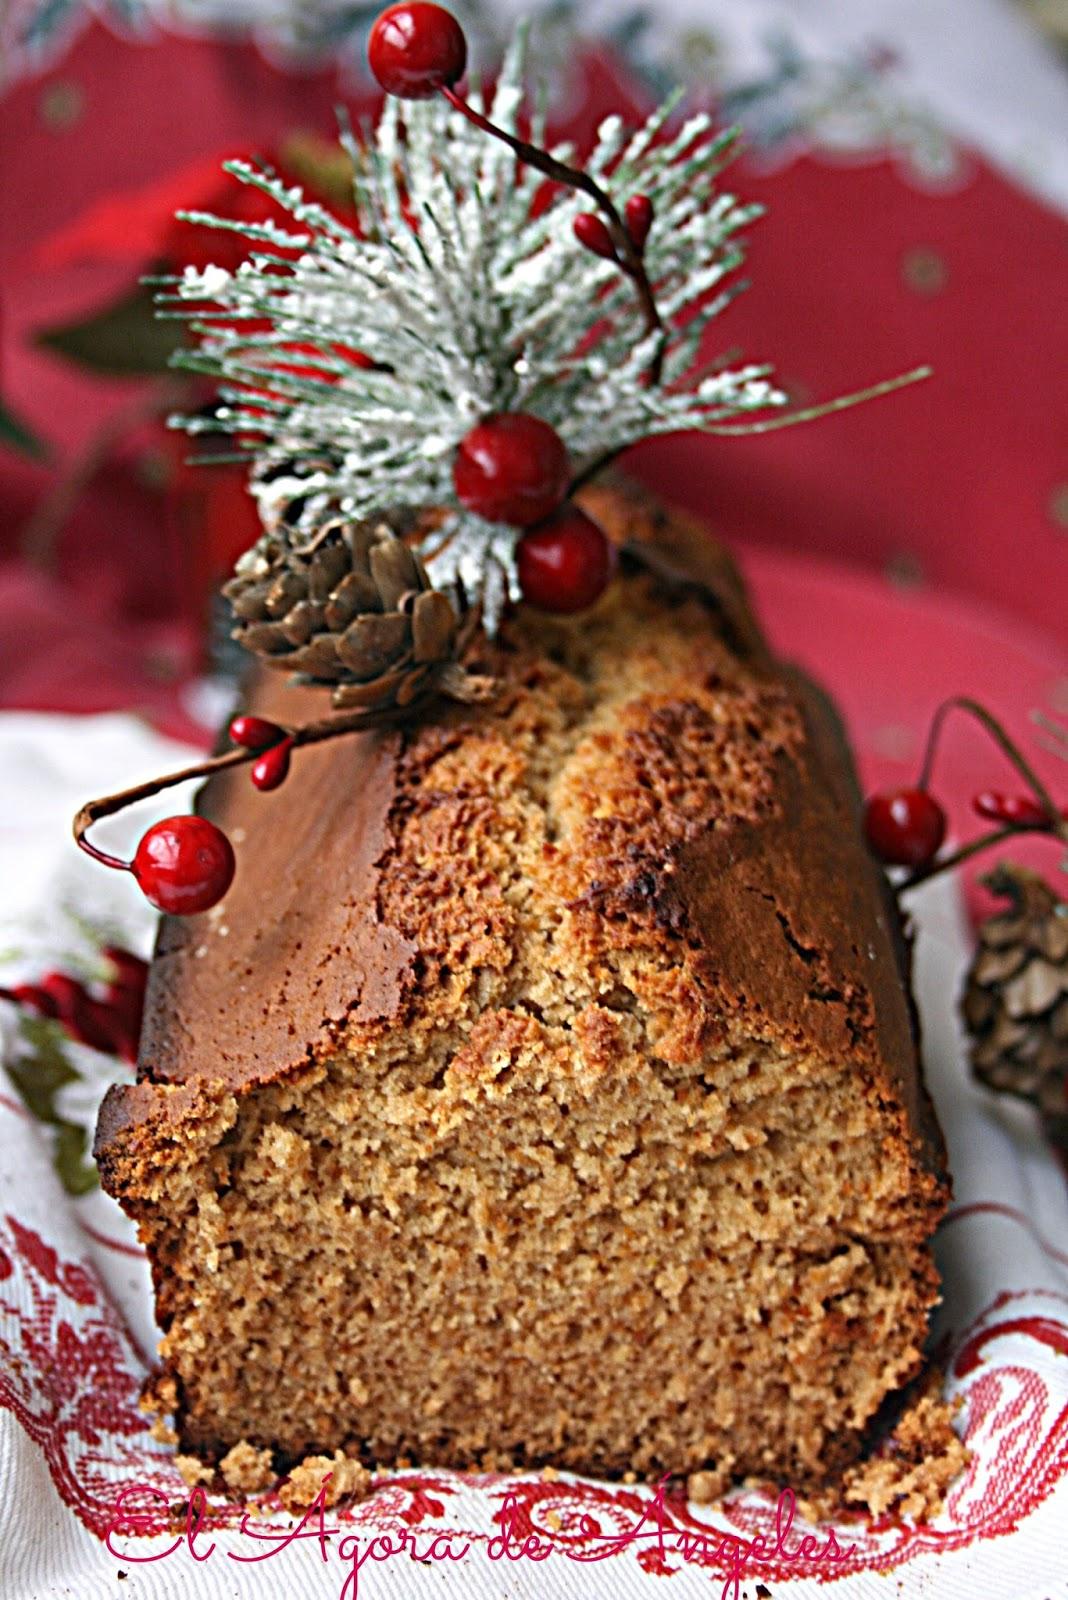 Pan de especias,Francia, Navidad